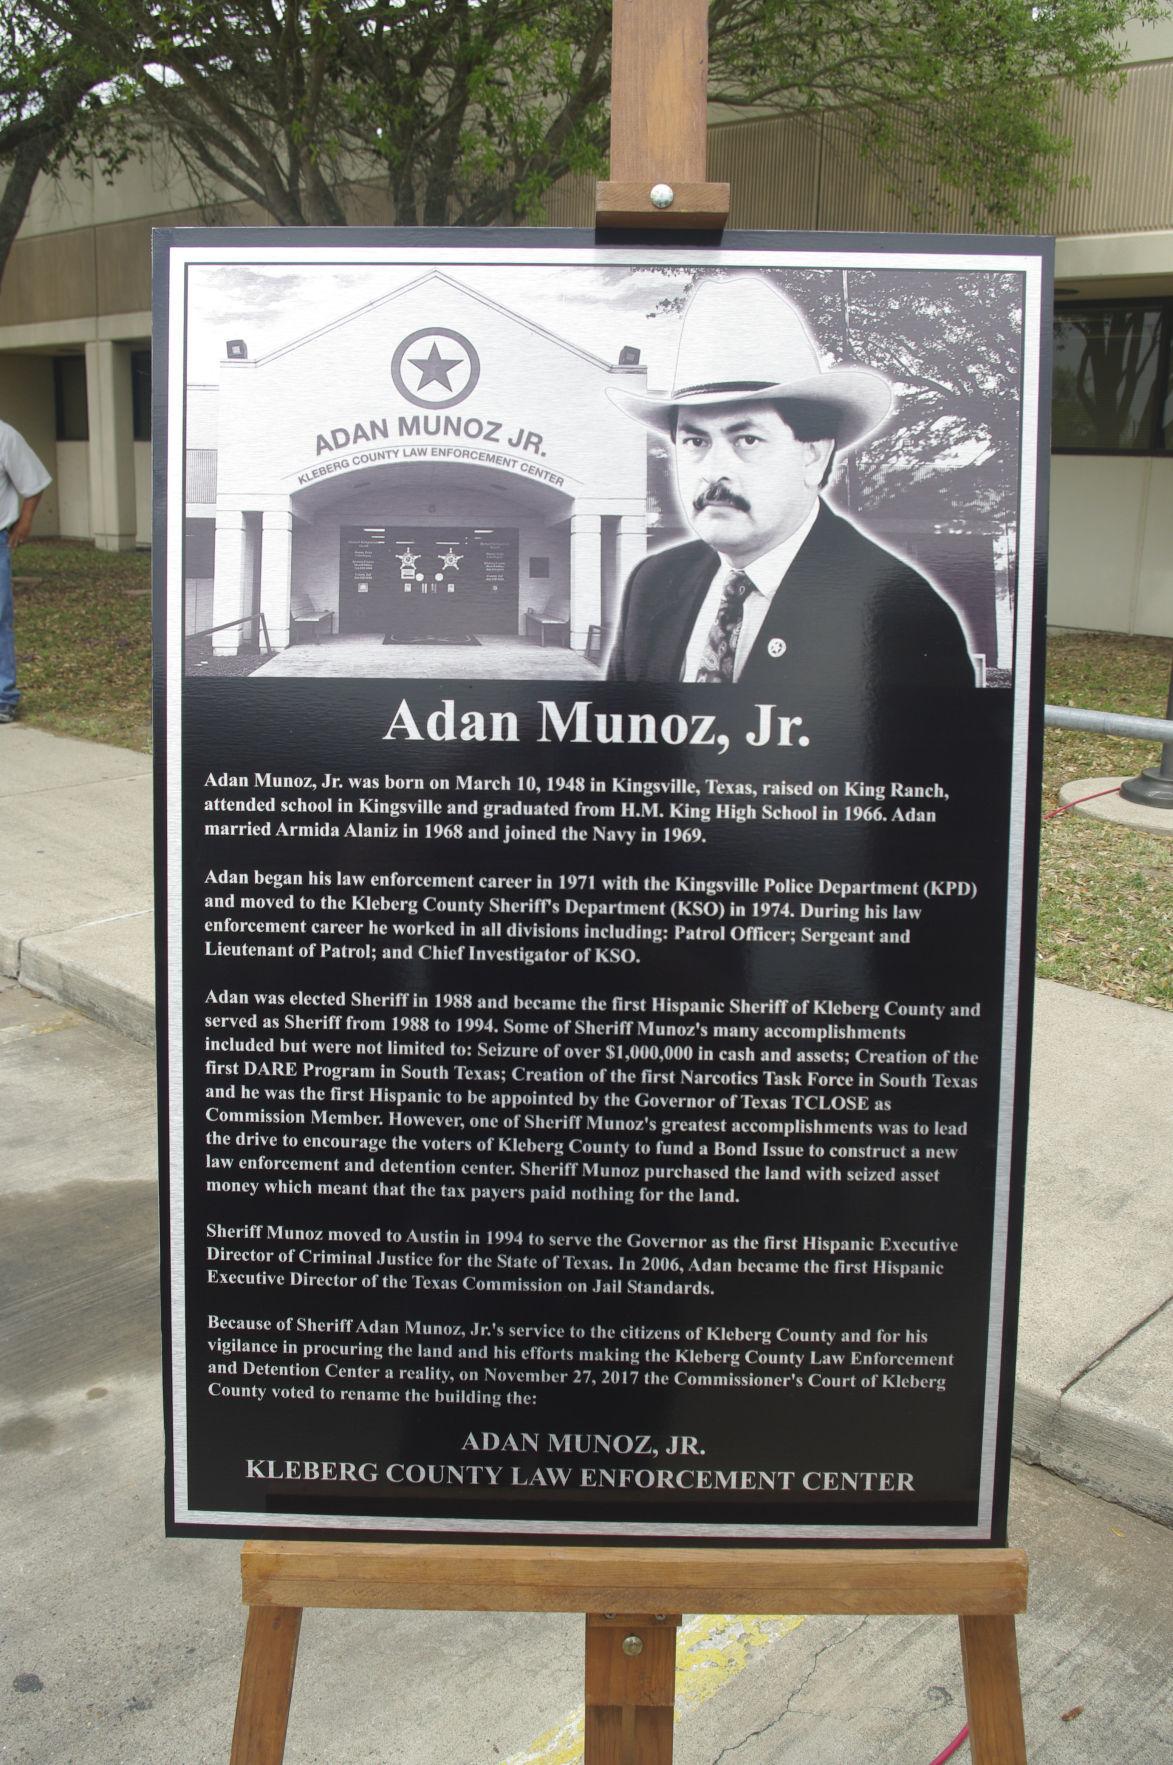 Adan Muñoz